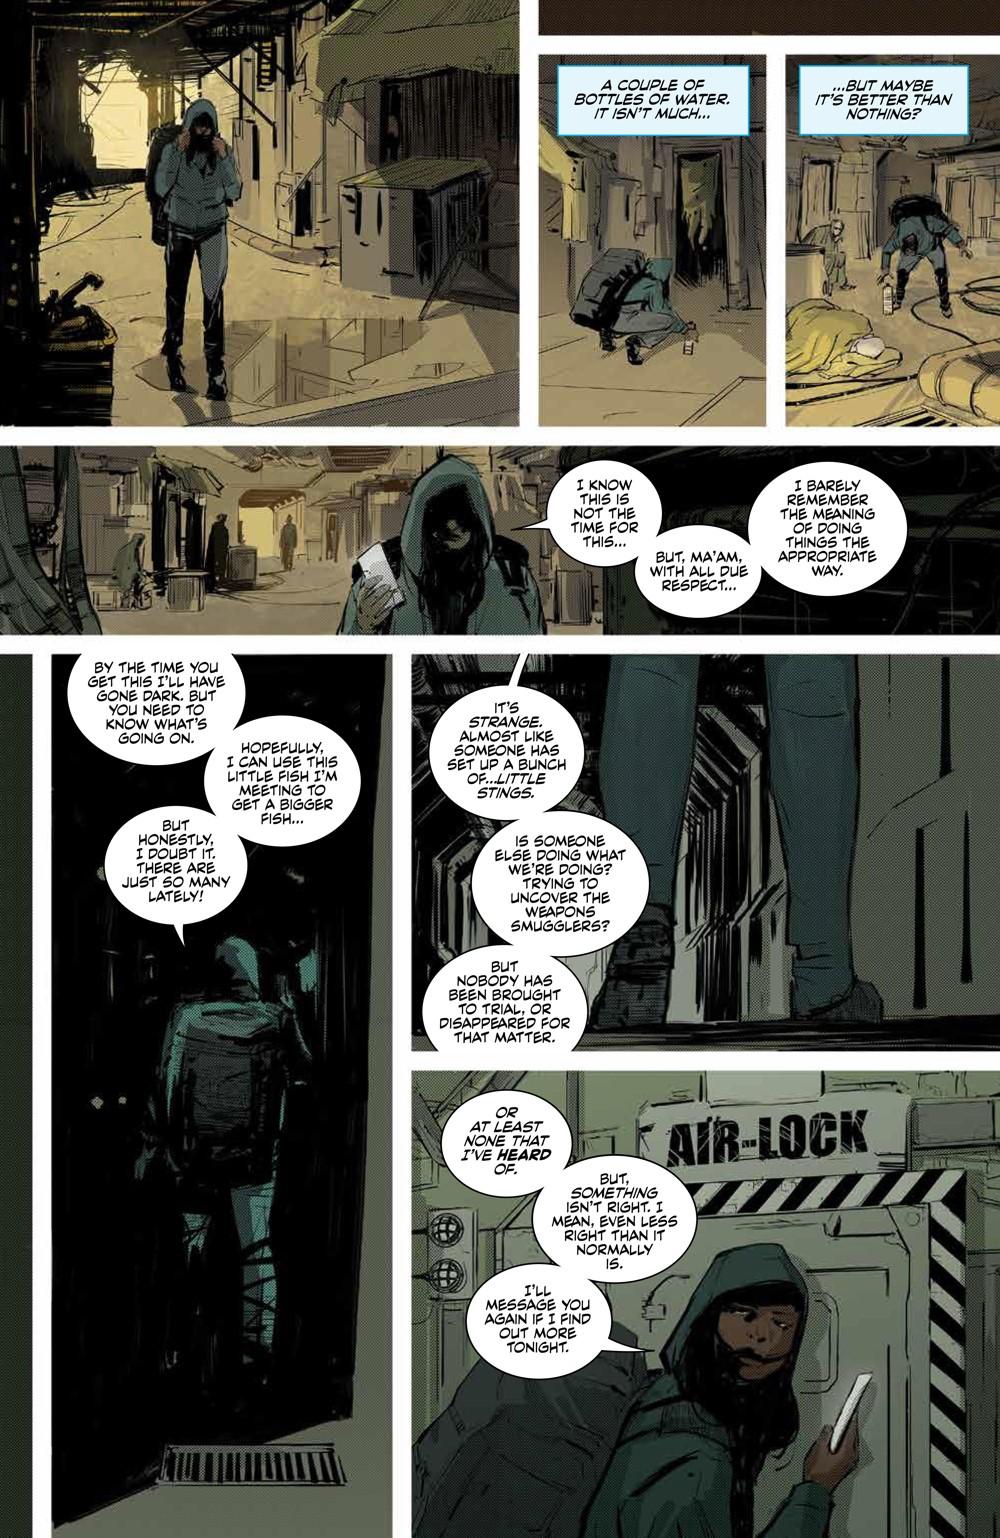 Expanse_SC_PRESS_20 ComicList Previews: THE EXPANSE TP